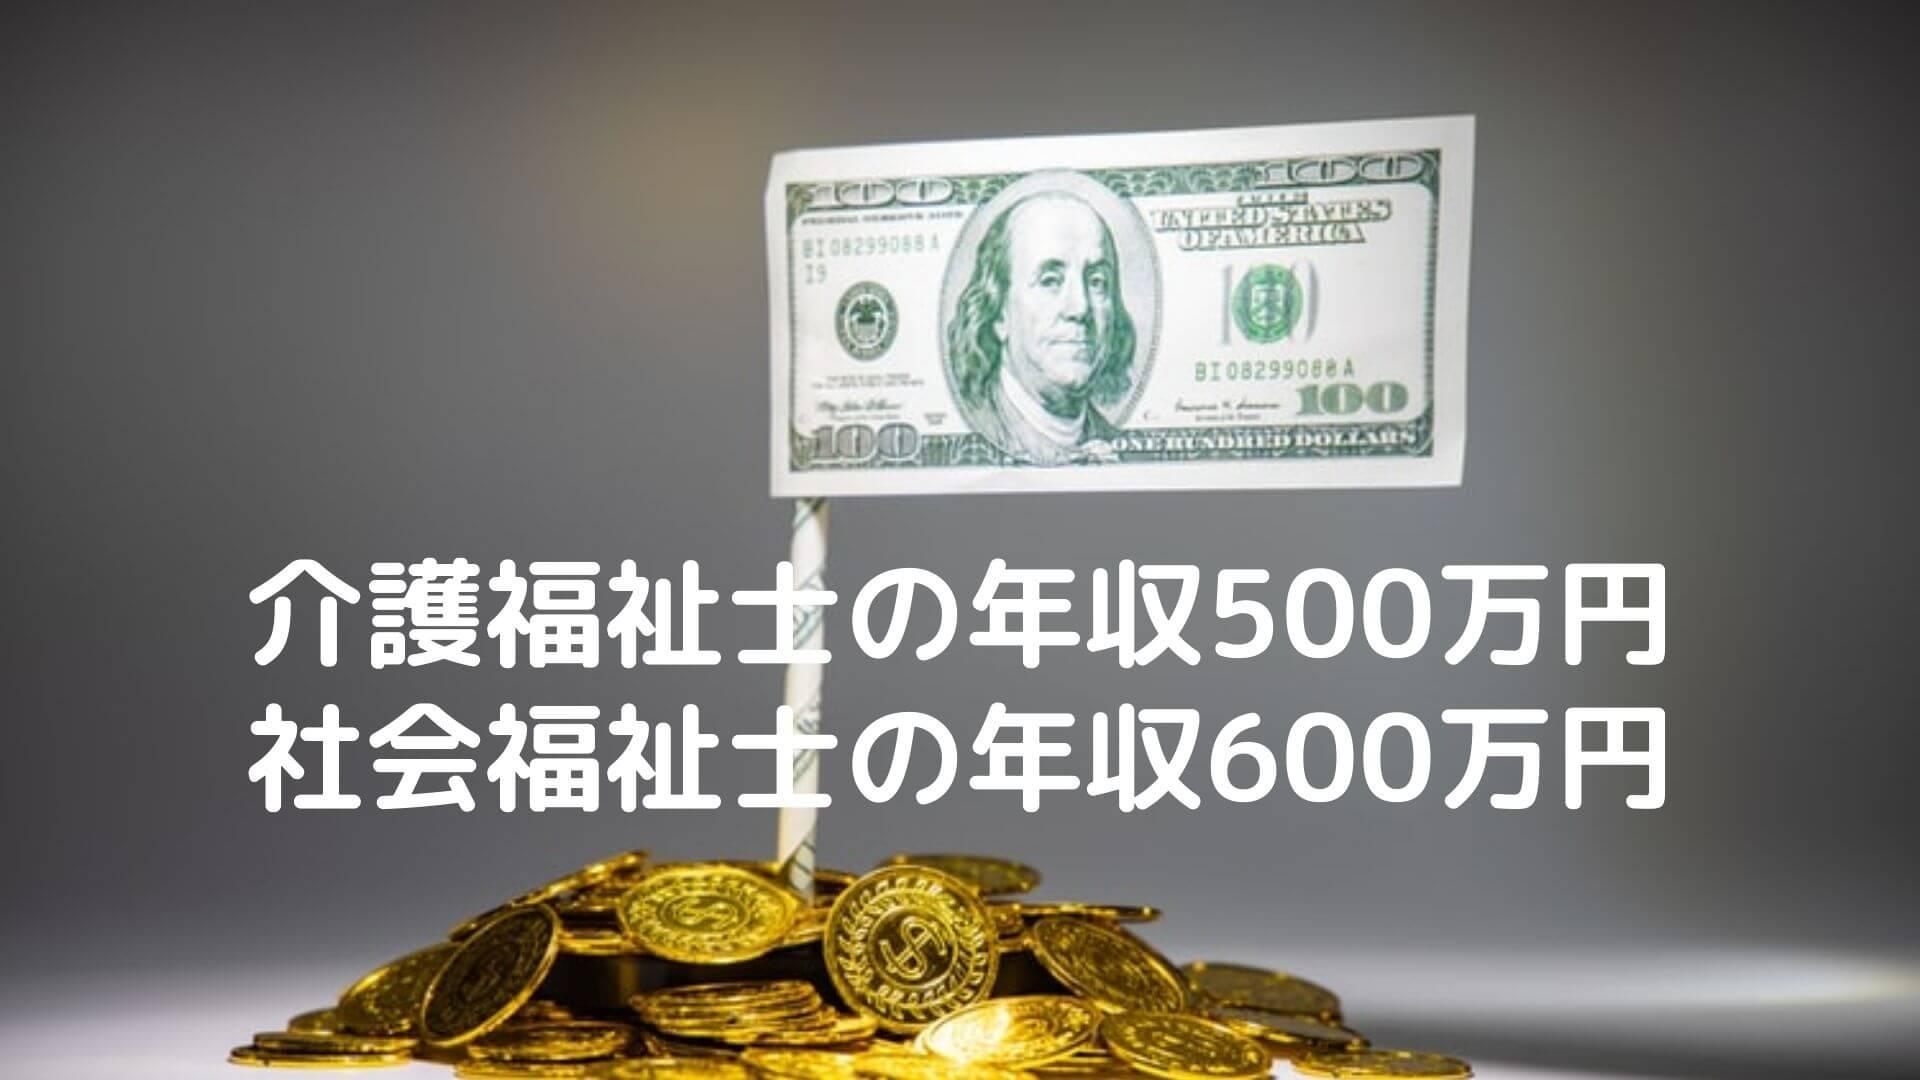 社会福祉士の年収600万円